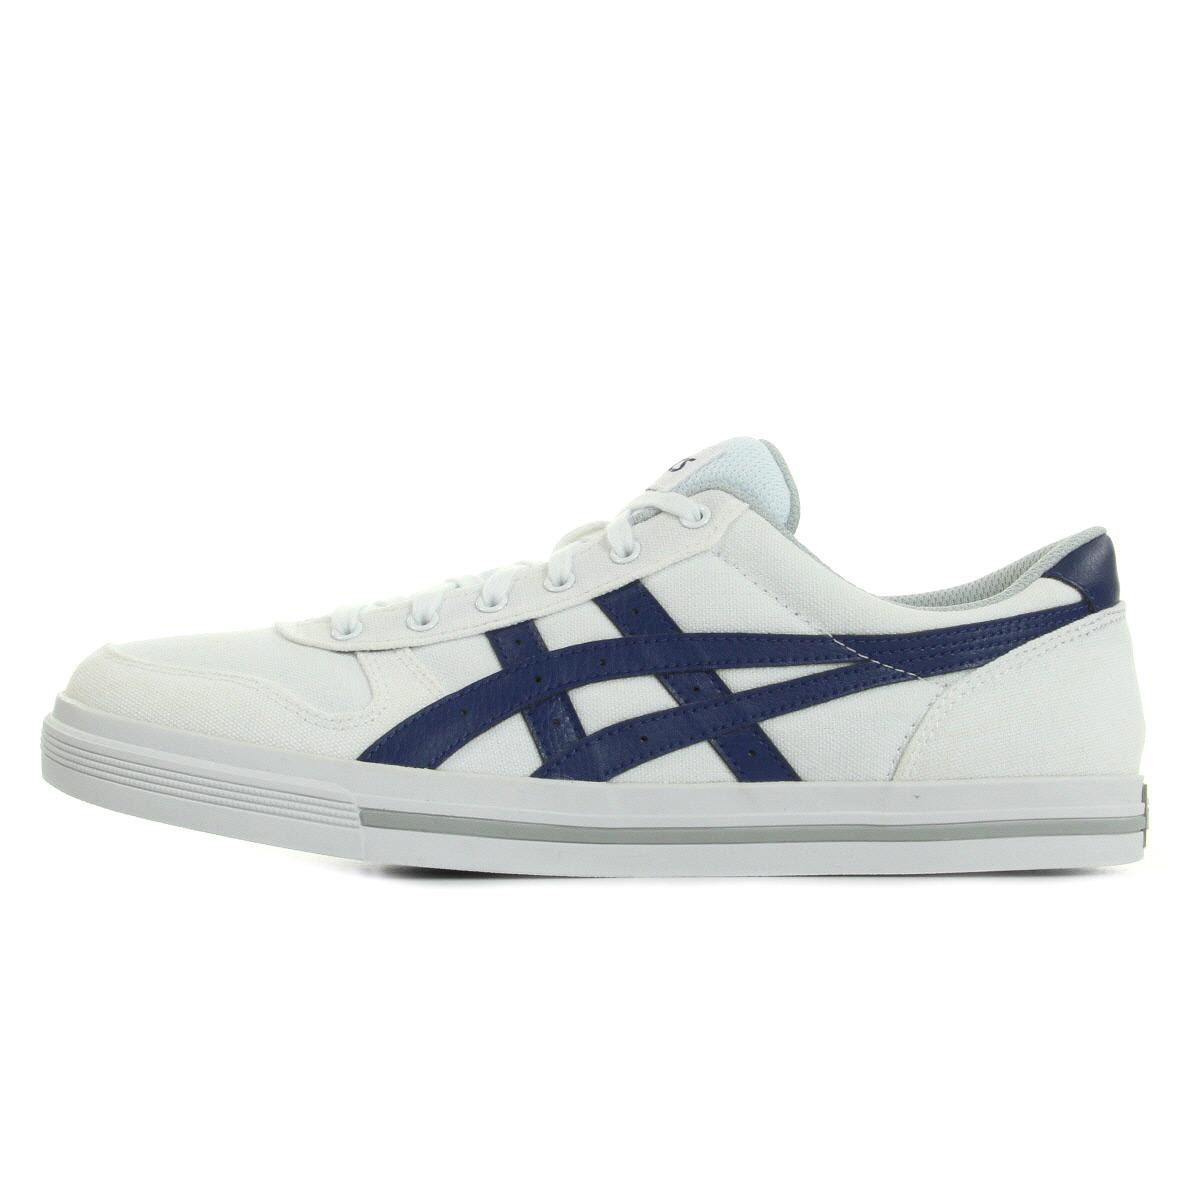 Détails sur Chaussures Baskets Asics homme Aaron White Blue taille Blanc Blanche Textile